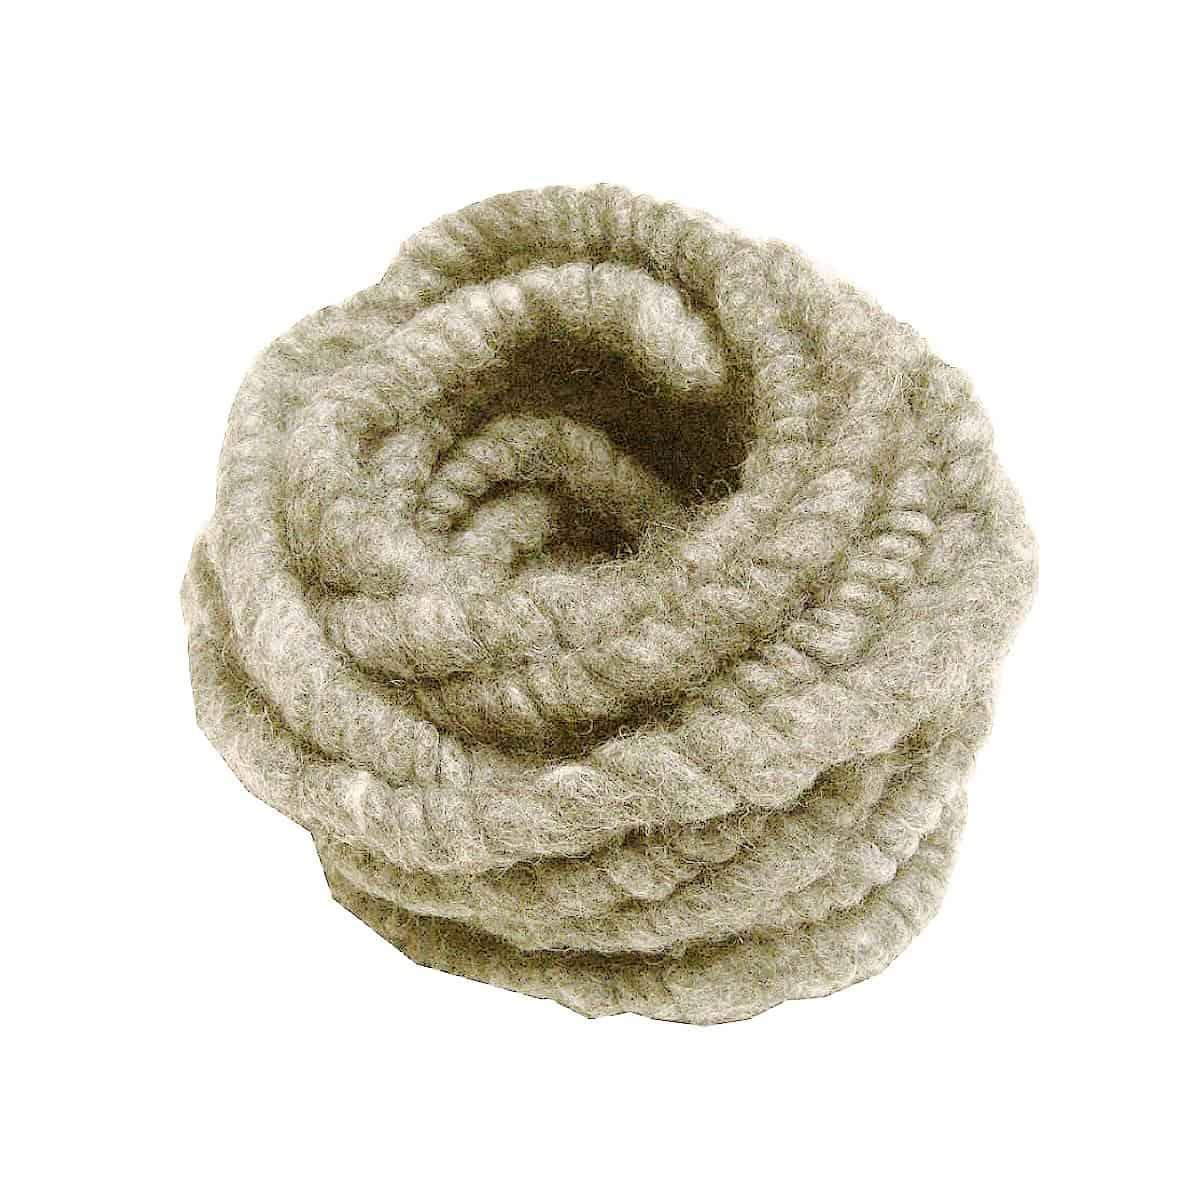 cordelette paisse laine de mouton blanc naturel 3m x 1cm protection hivernale des plantes. Black Bedroom Furniture Sets. Home Design Ideas